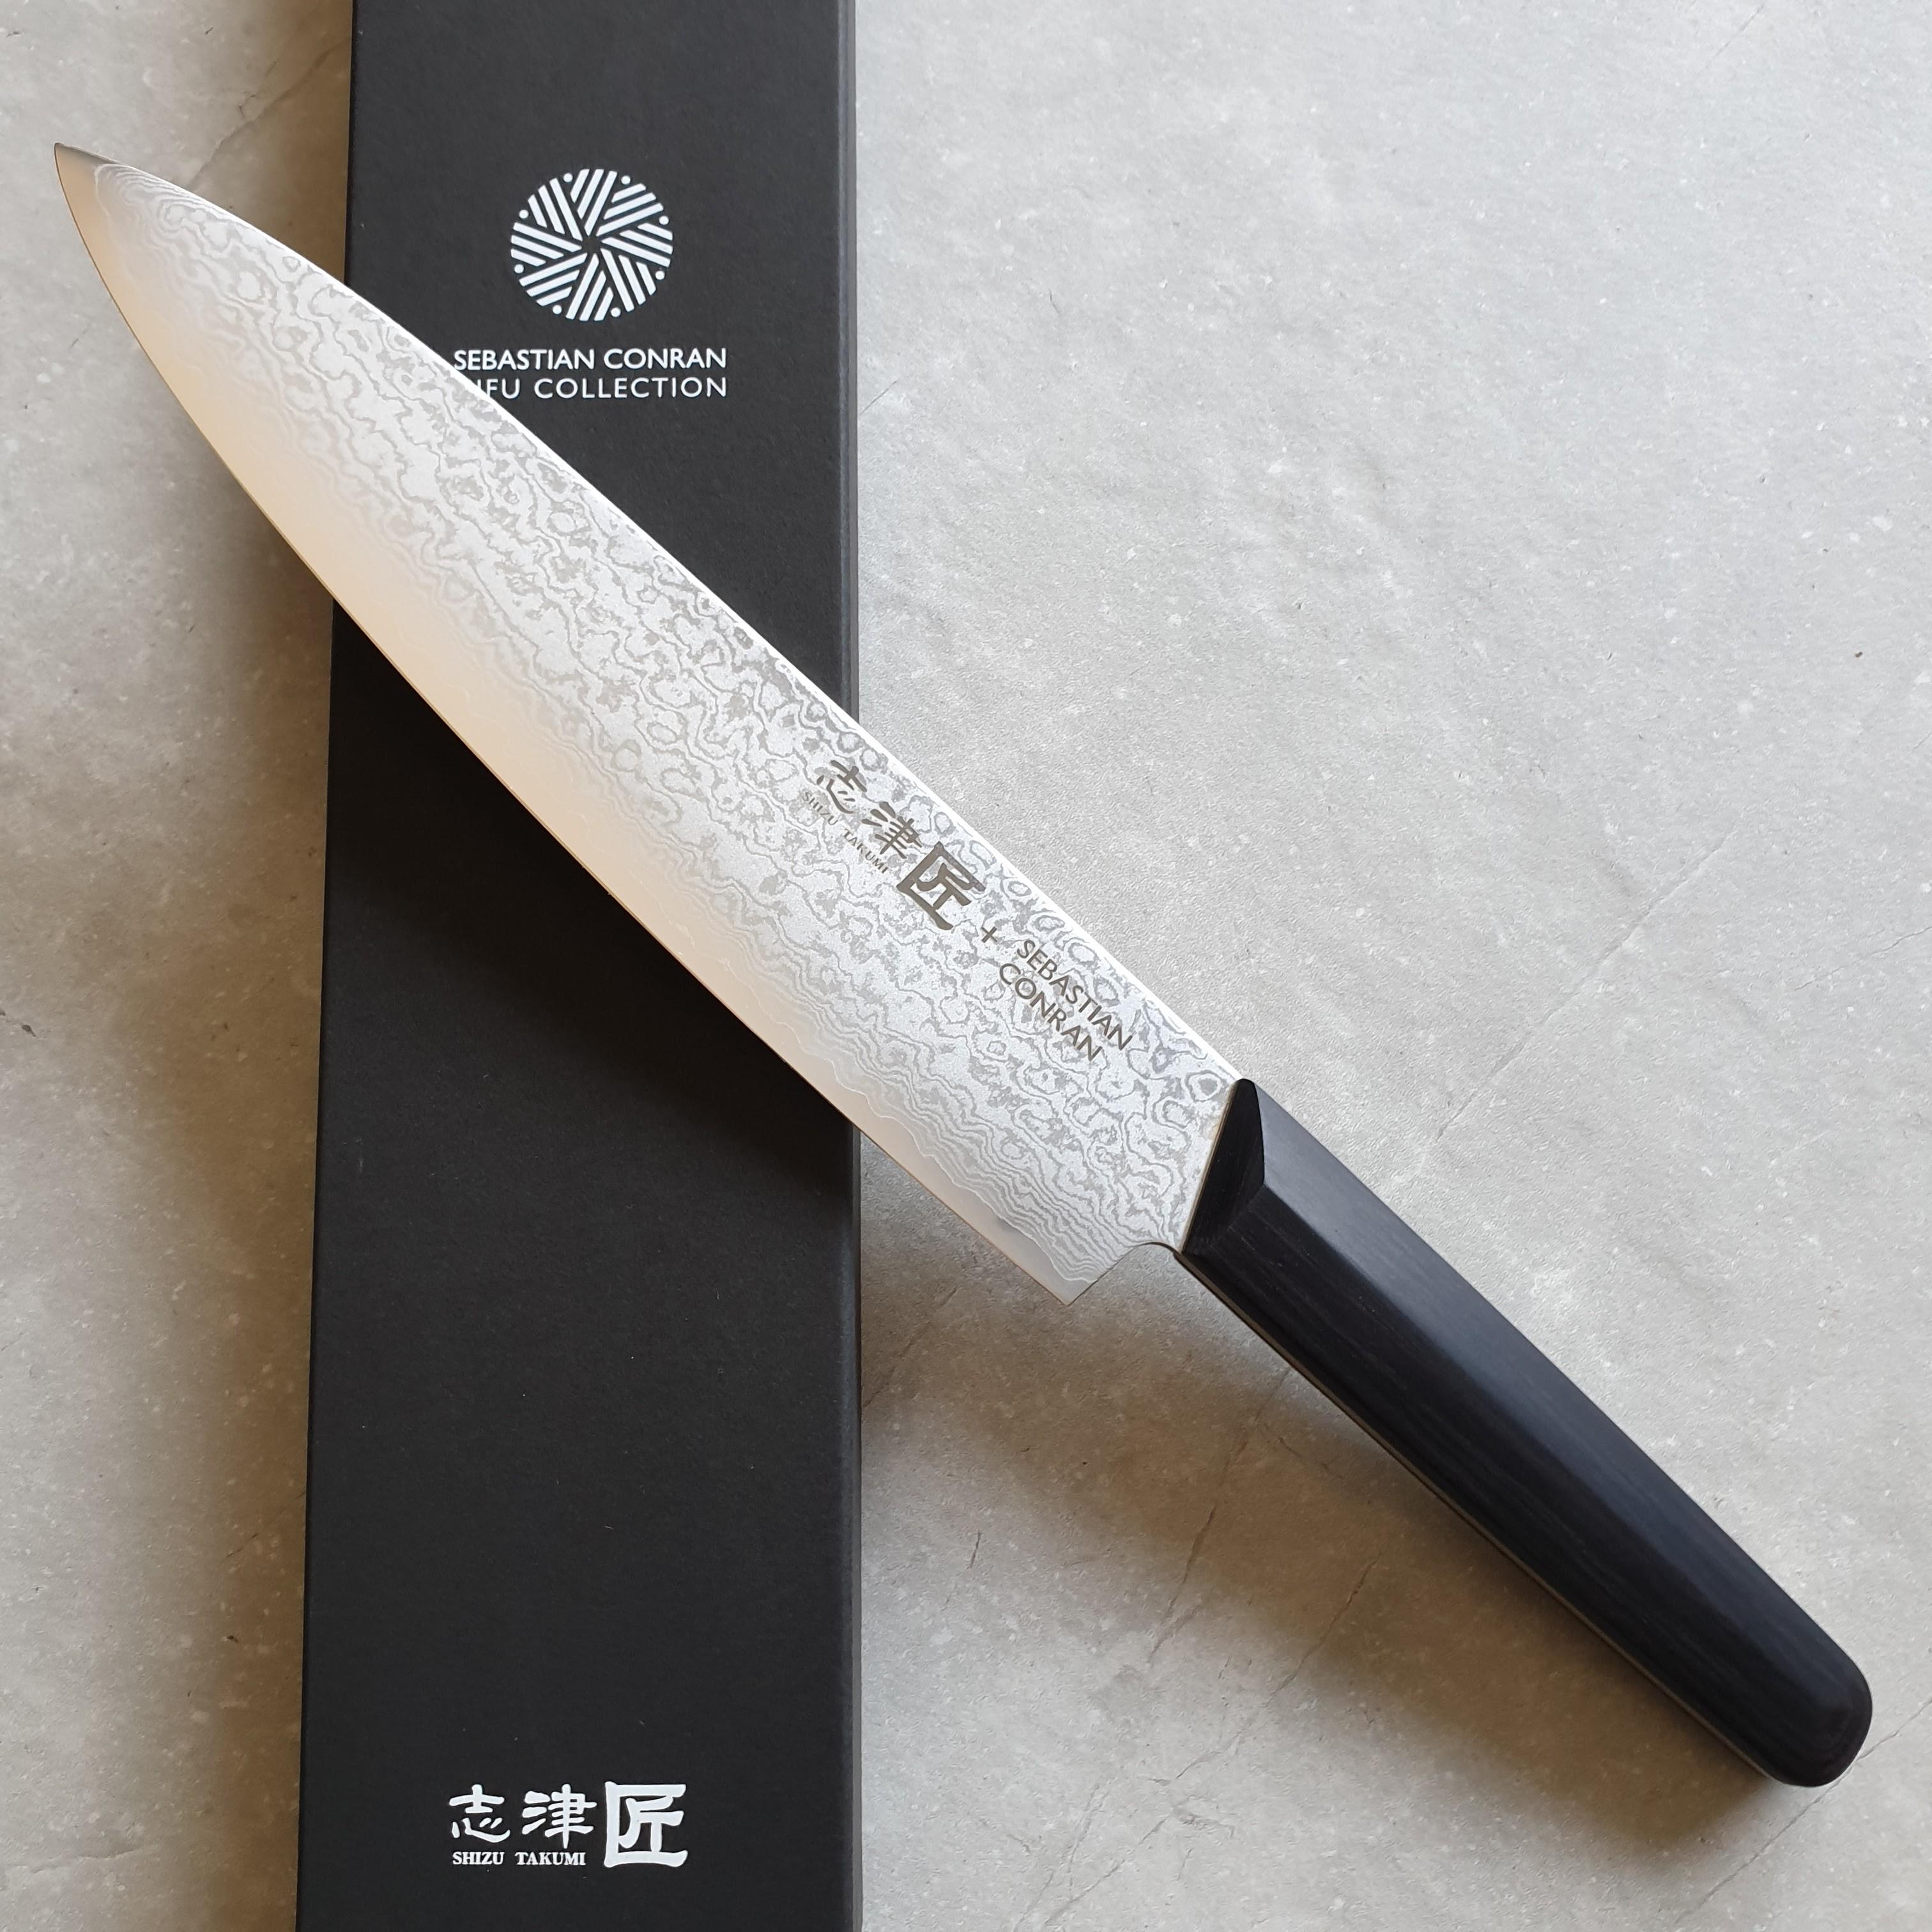 Shizu Hamono Sebastian Conran Gifu SC-1100 Kochmesser 23cm